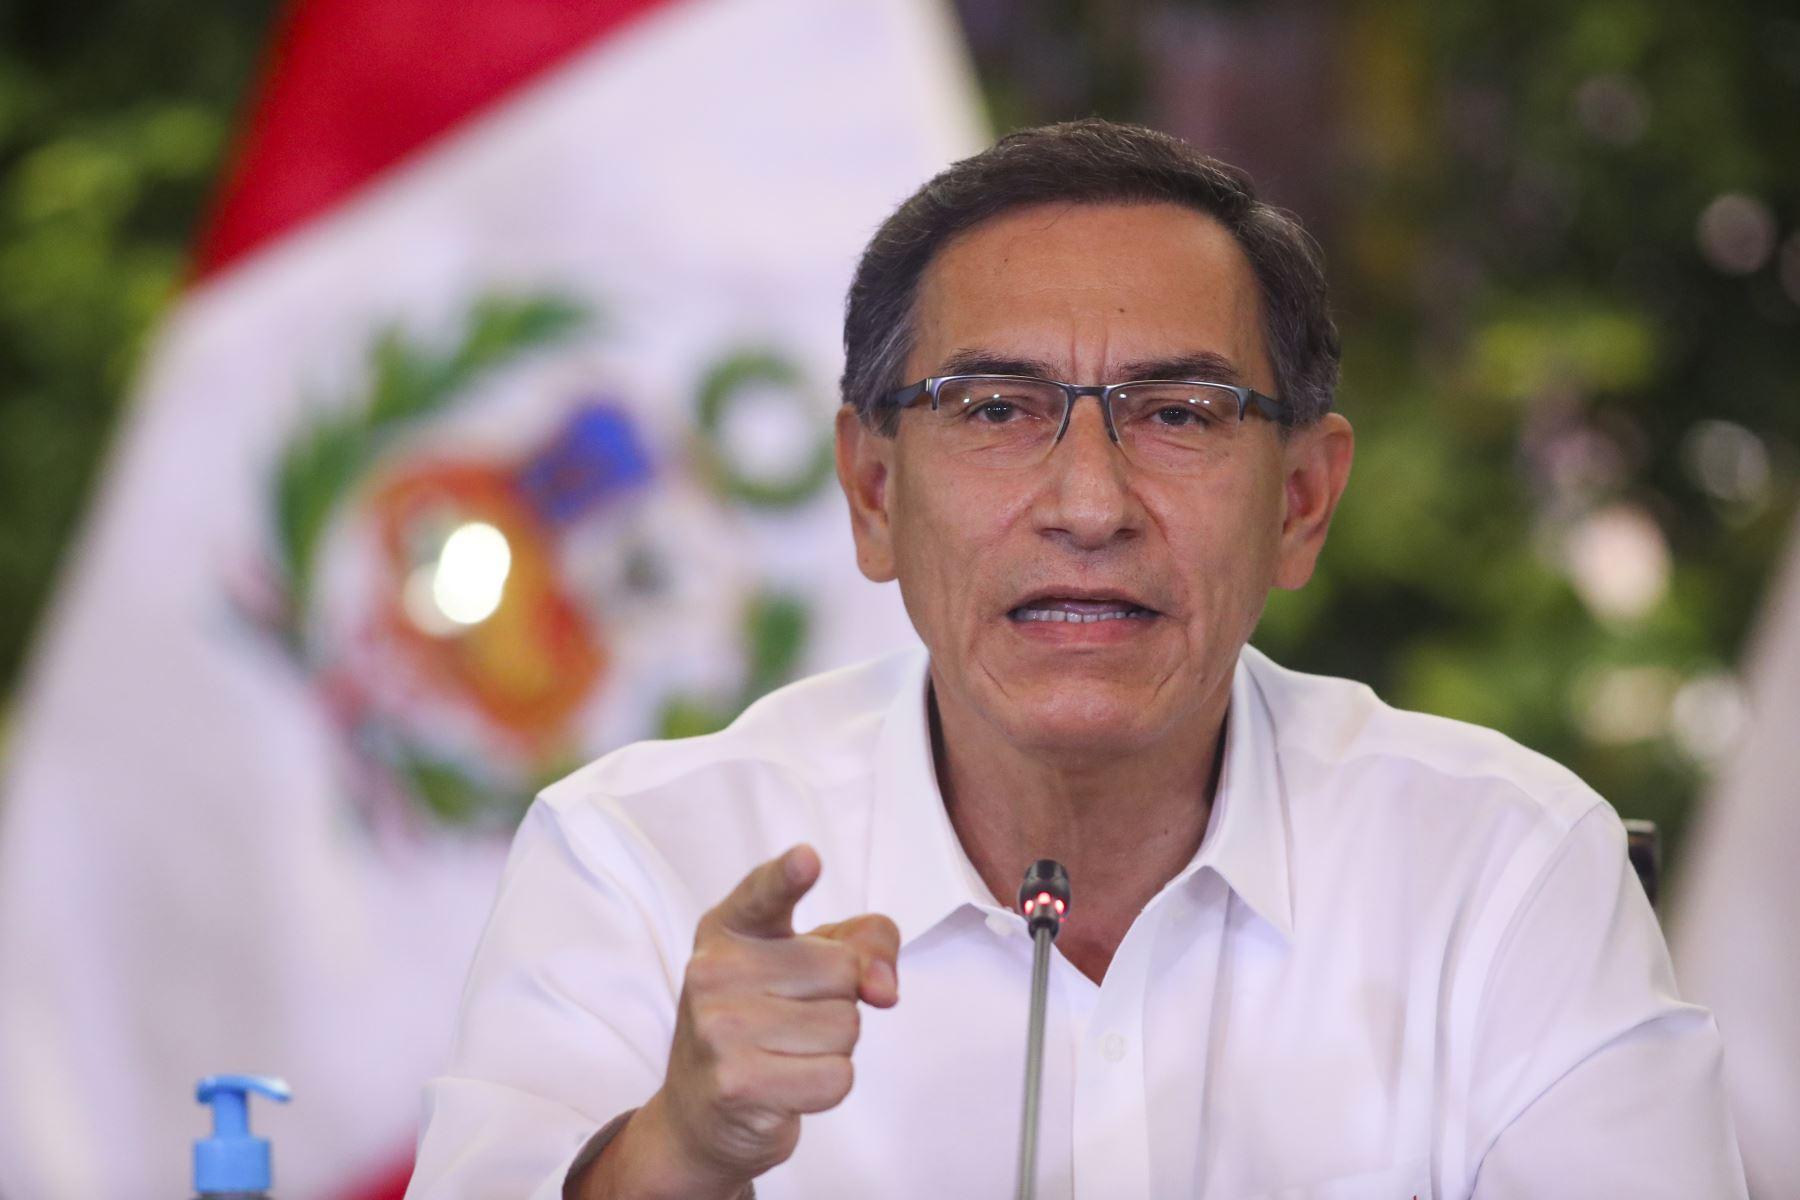 El presidente Martín Vizcarra brinda un pronunciamiento sobre las medidas adoptadas por el Gobierno en el marco del estado de emergencia nacional por el covid-19.  Foto: ANDINA/ Prensa Presidencia